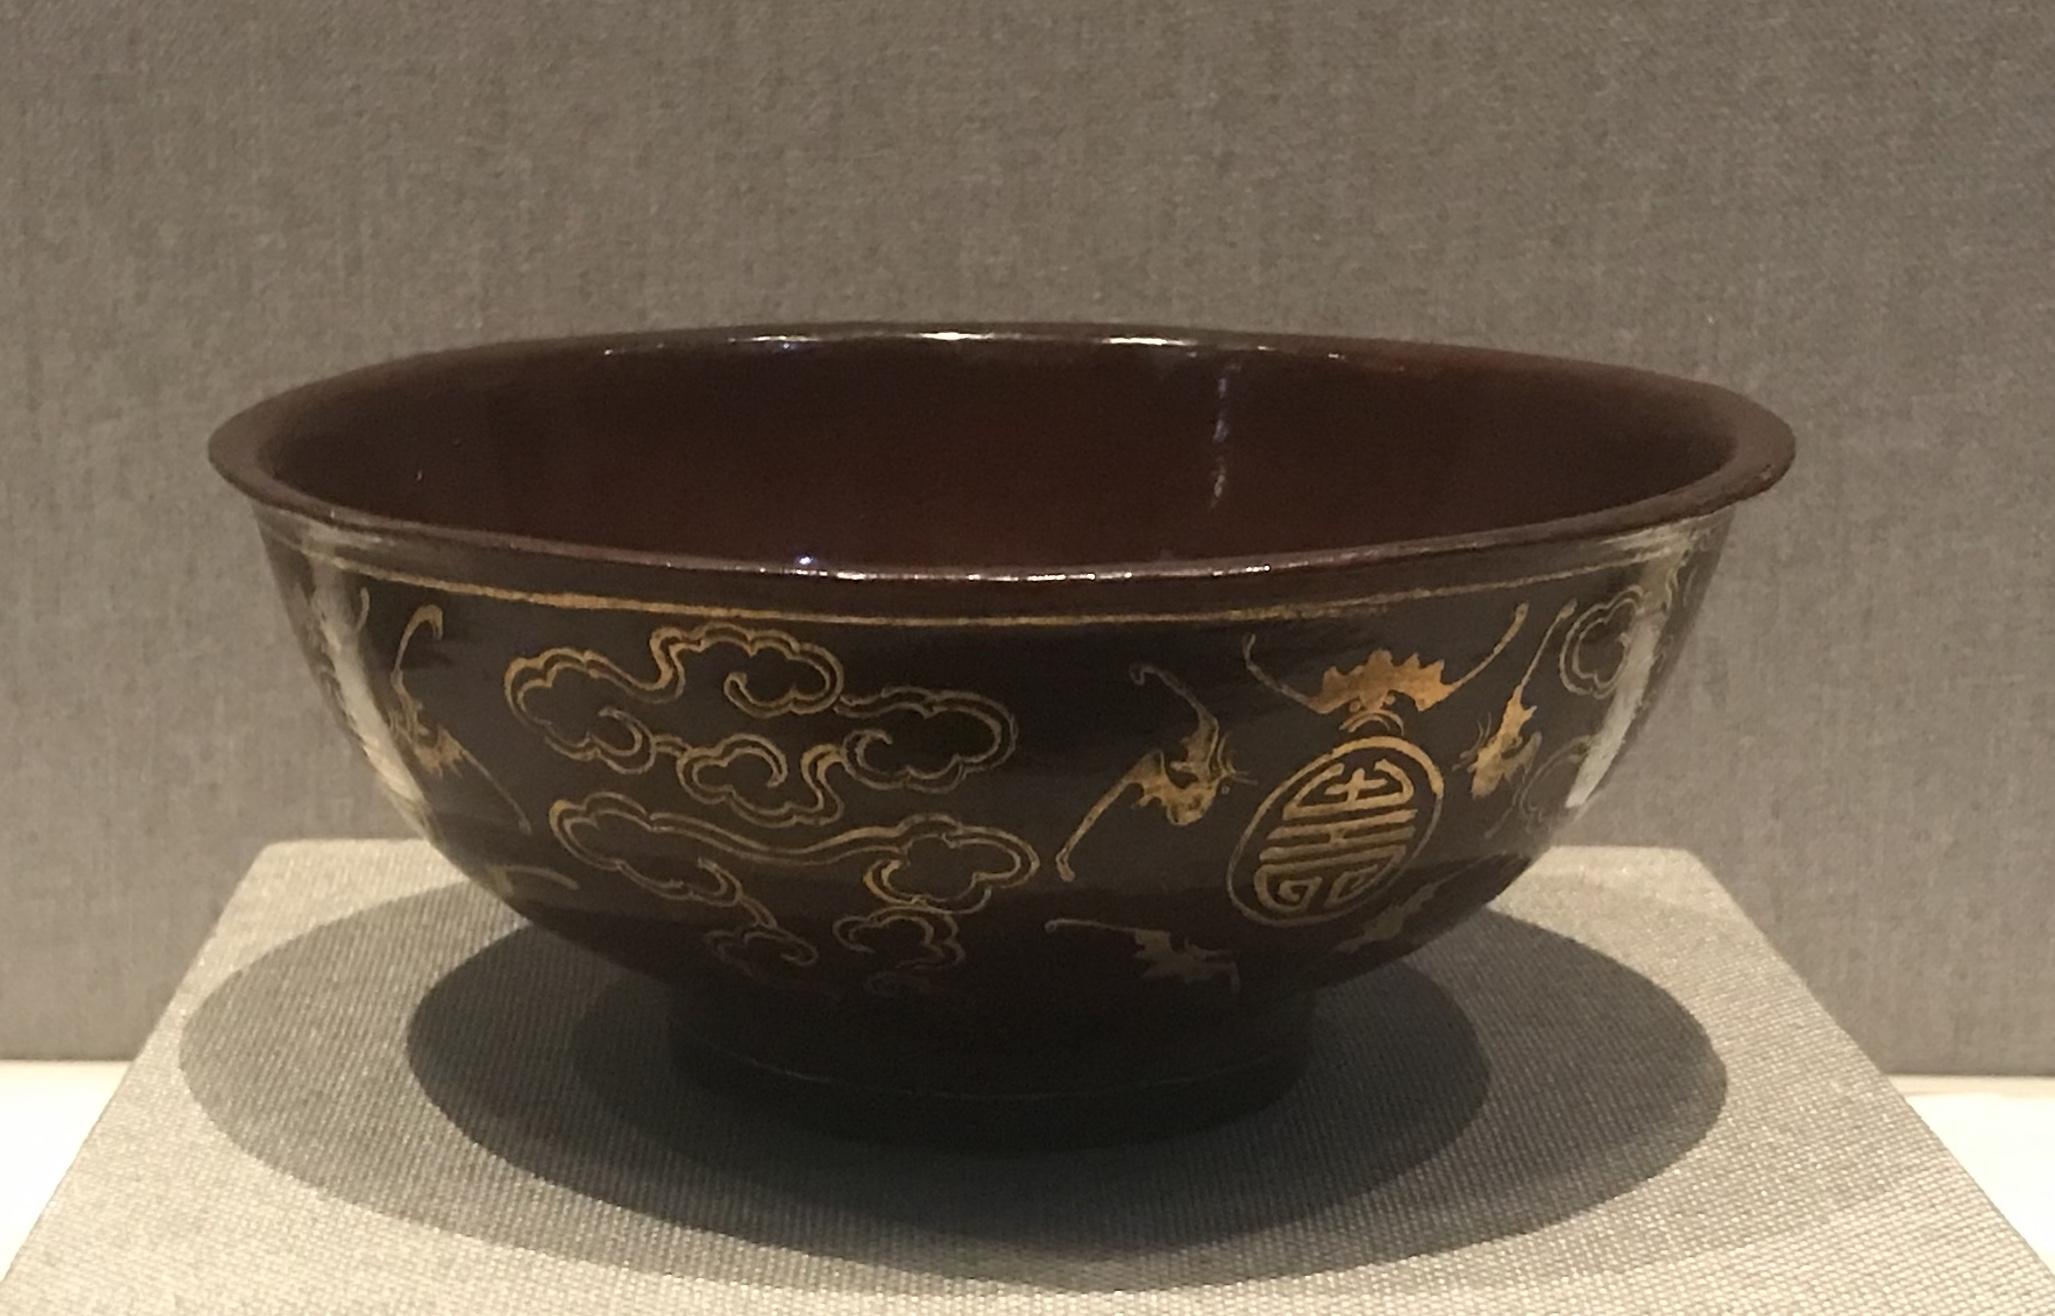 紫漆描金五蝠棒寿圓盤-漆器-清時代-工藝美術館館-四川博物館-成都